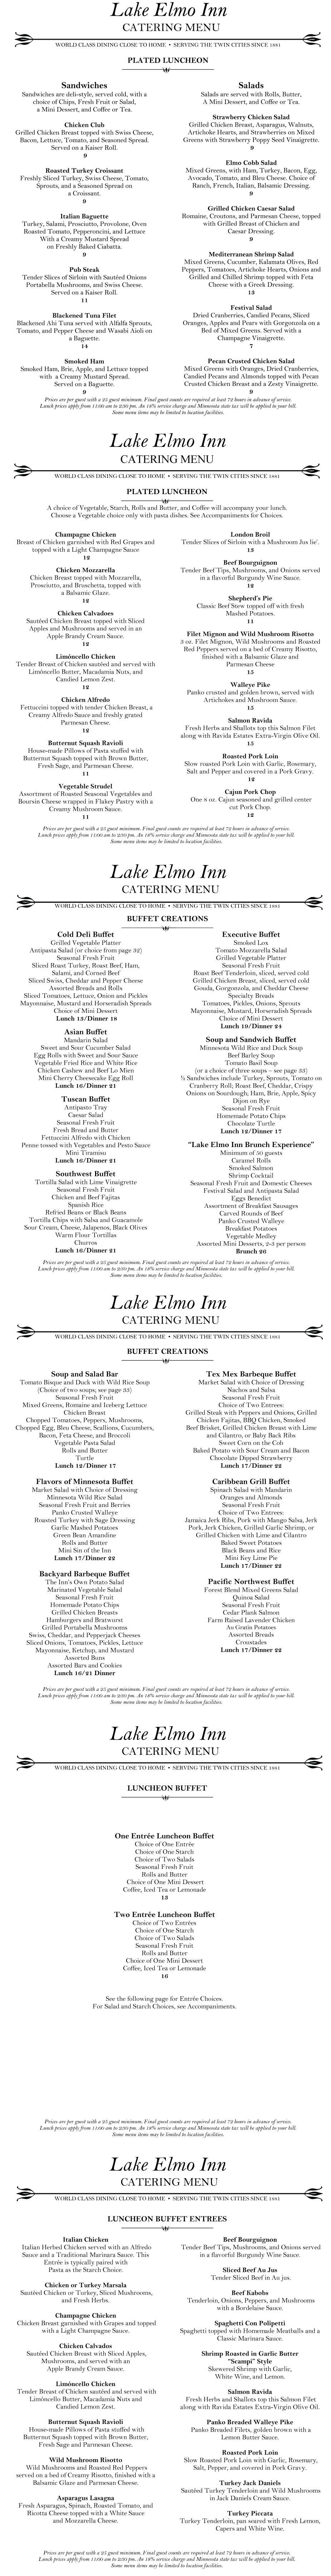 lake elmo inn catering